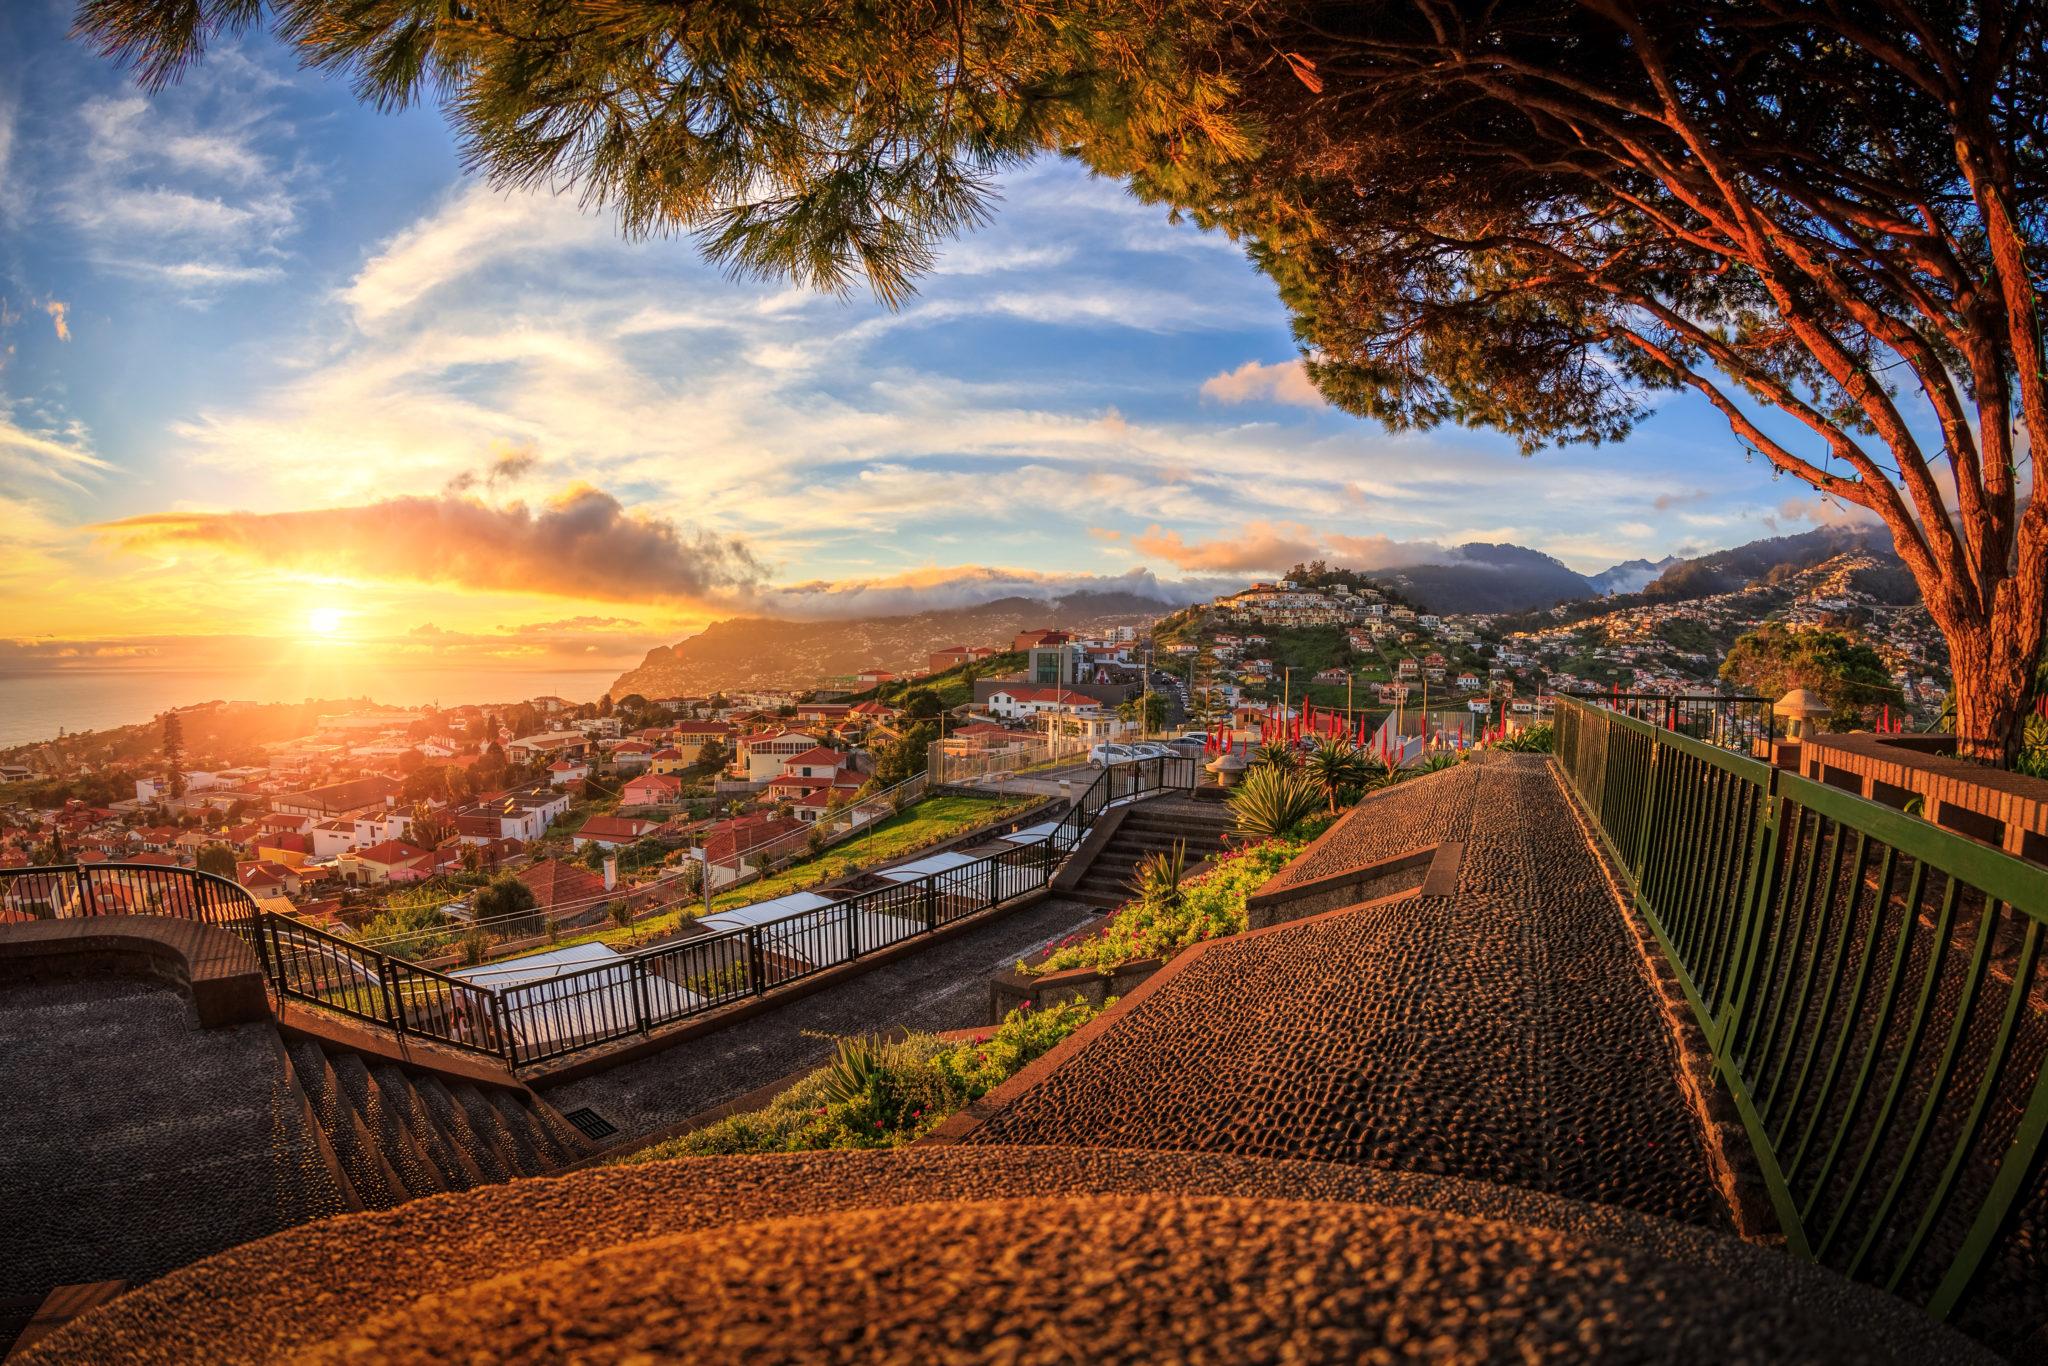 Sonnenuntergang über dem Meer bei Funchal